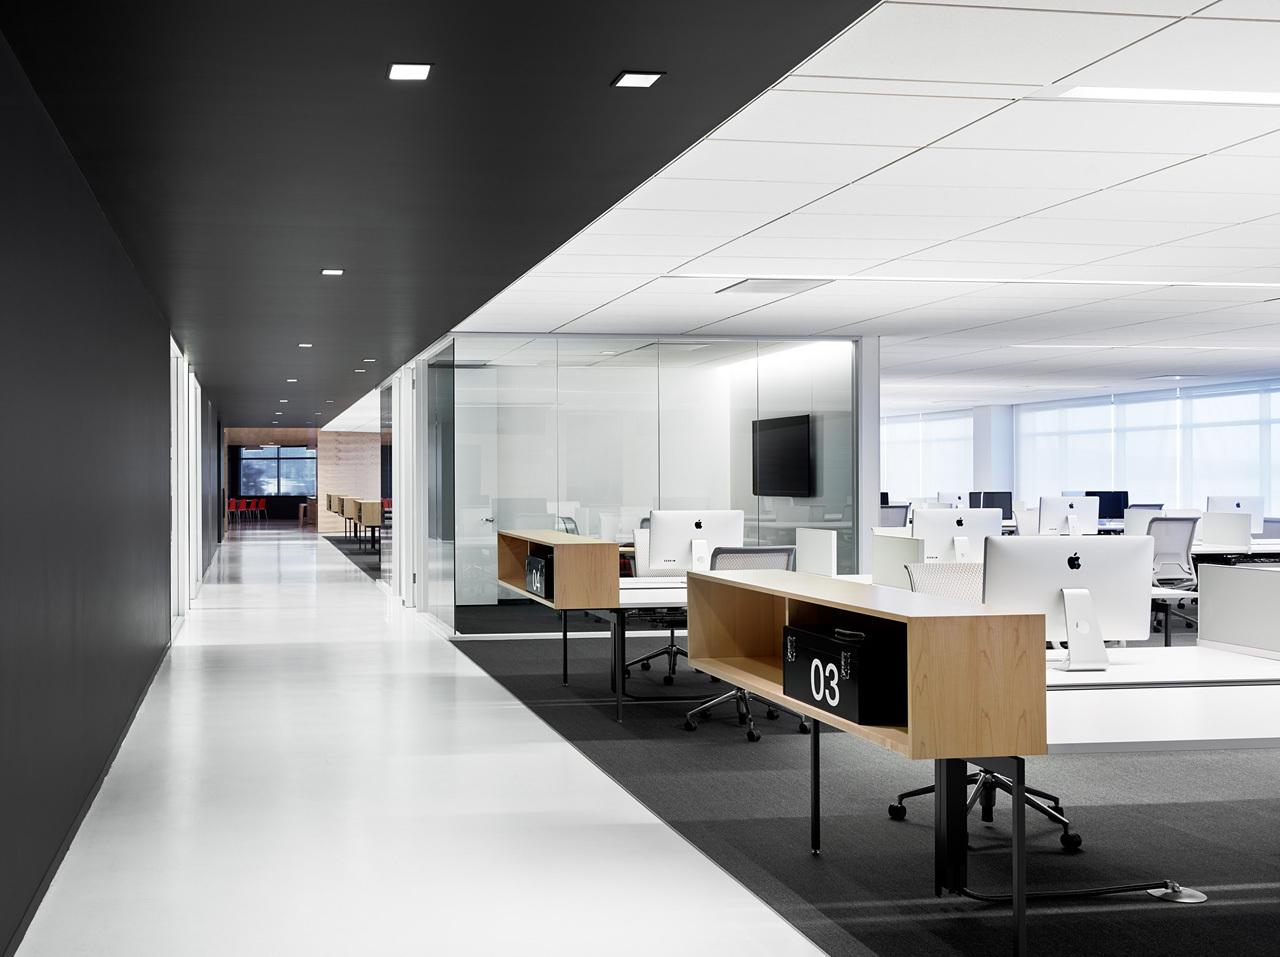 上海天波信息科技有限公司辦公區辦公室裝修案例